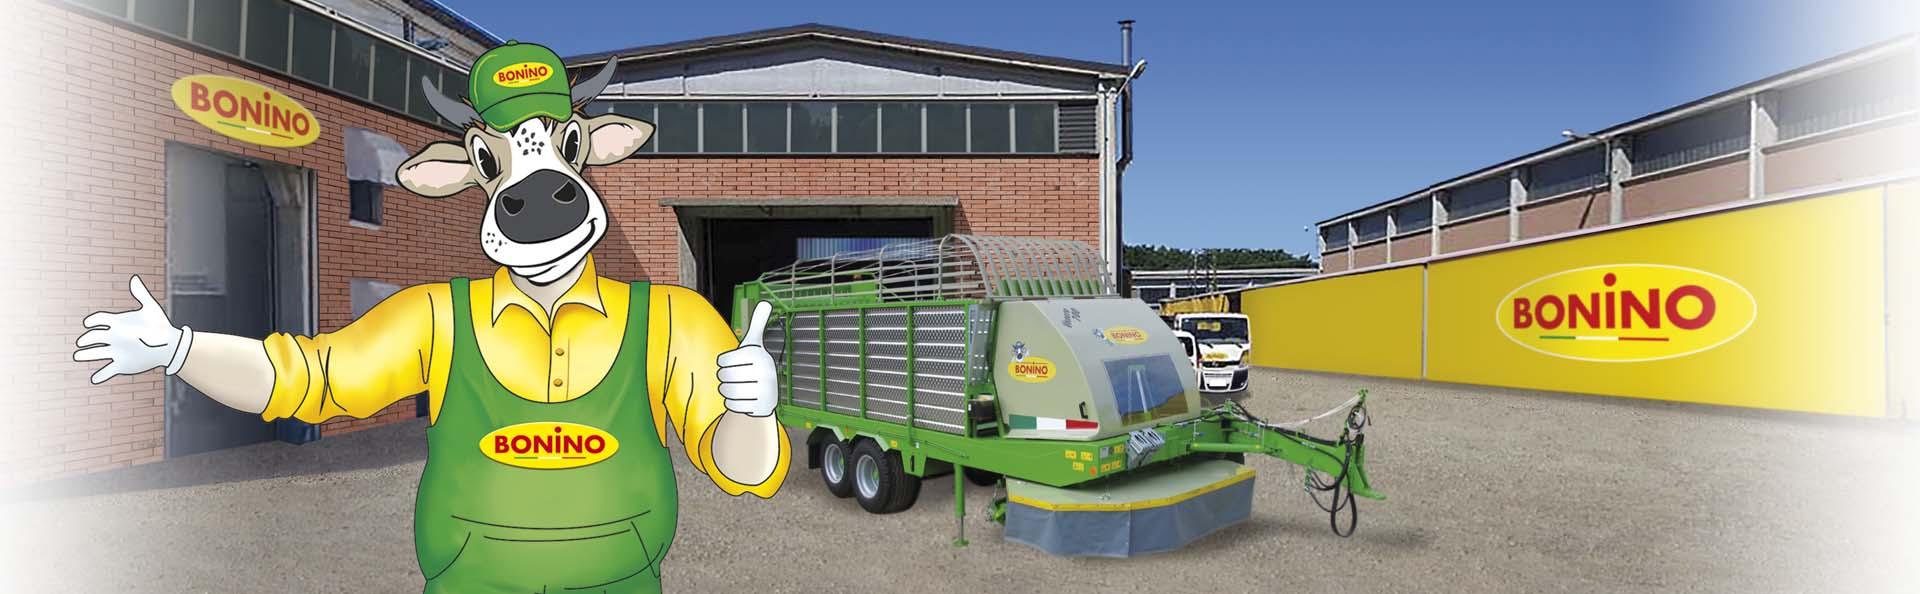 stabilimento-Bonino-Factory-entreprise-fournisseur-de-matériel-agricole-professionnel-establecimiento-Produktionsstandort